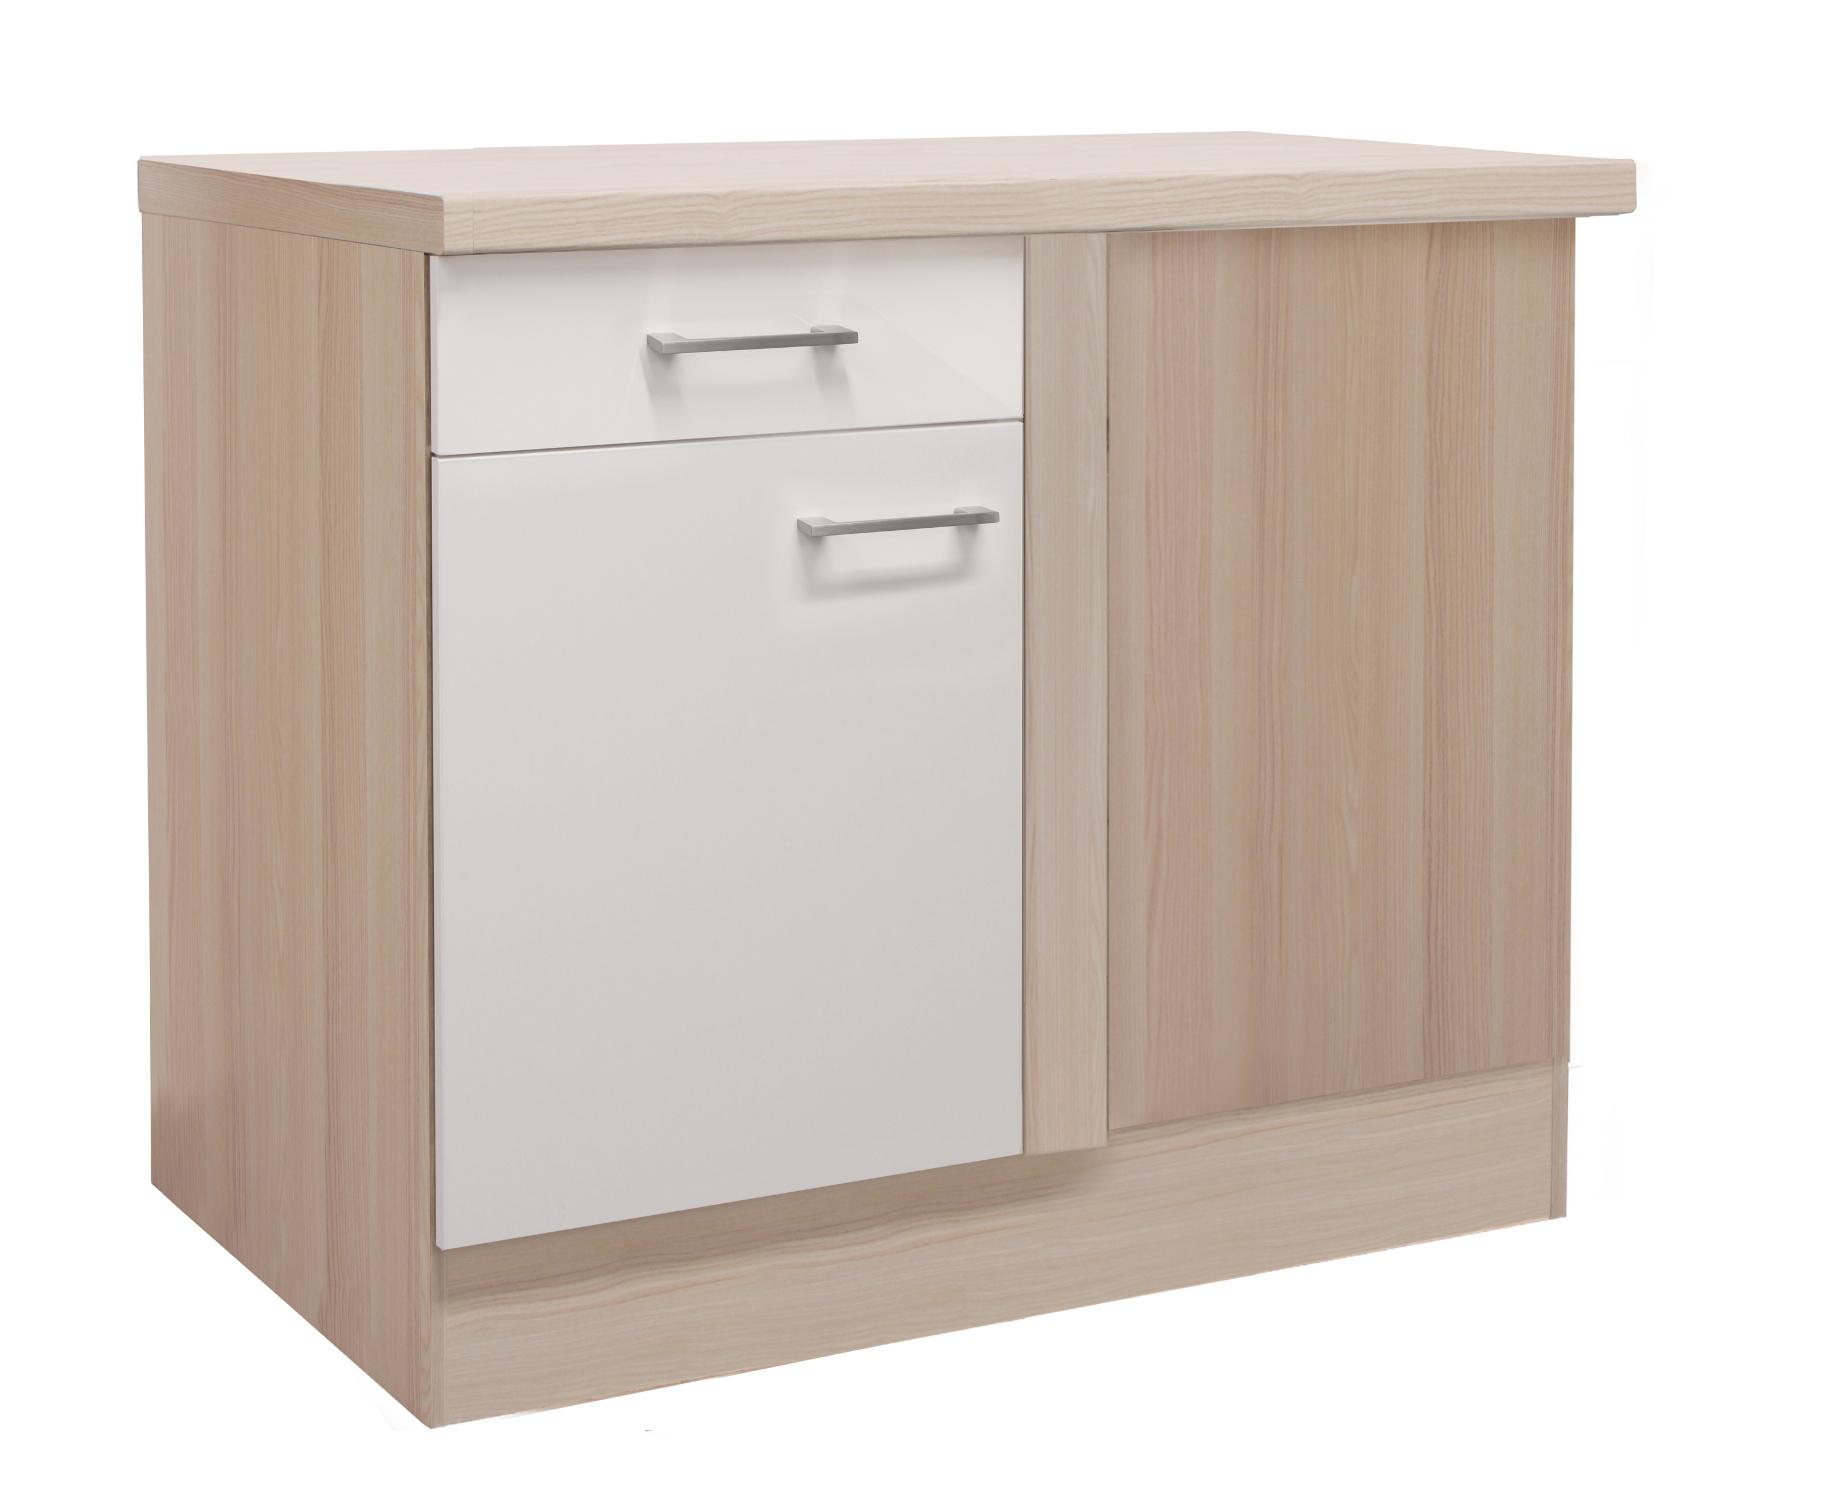 k chen eckunterschrank florenz 1 t rig 110 cm breit perlmutt wei k che k chen unterschr nke. Black Bedroom Furniture Sets. Home Design Ideas